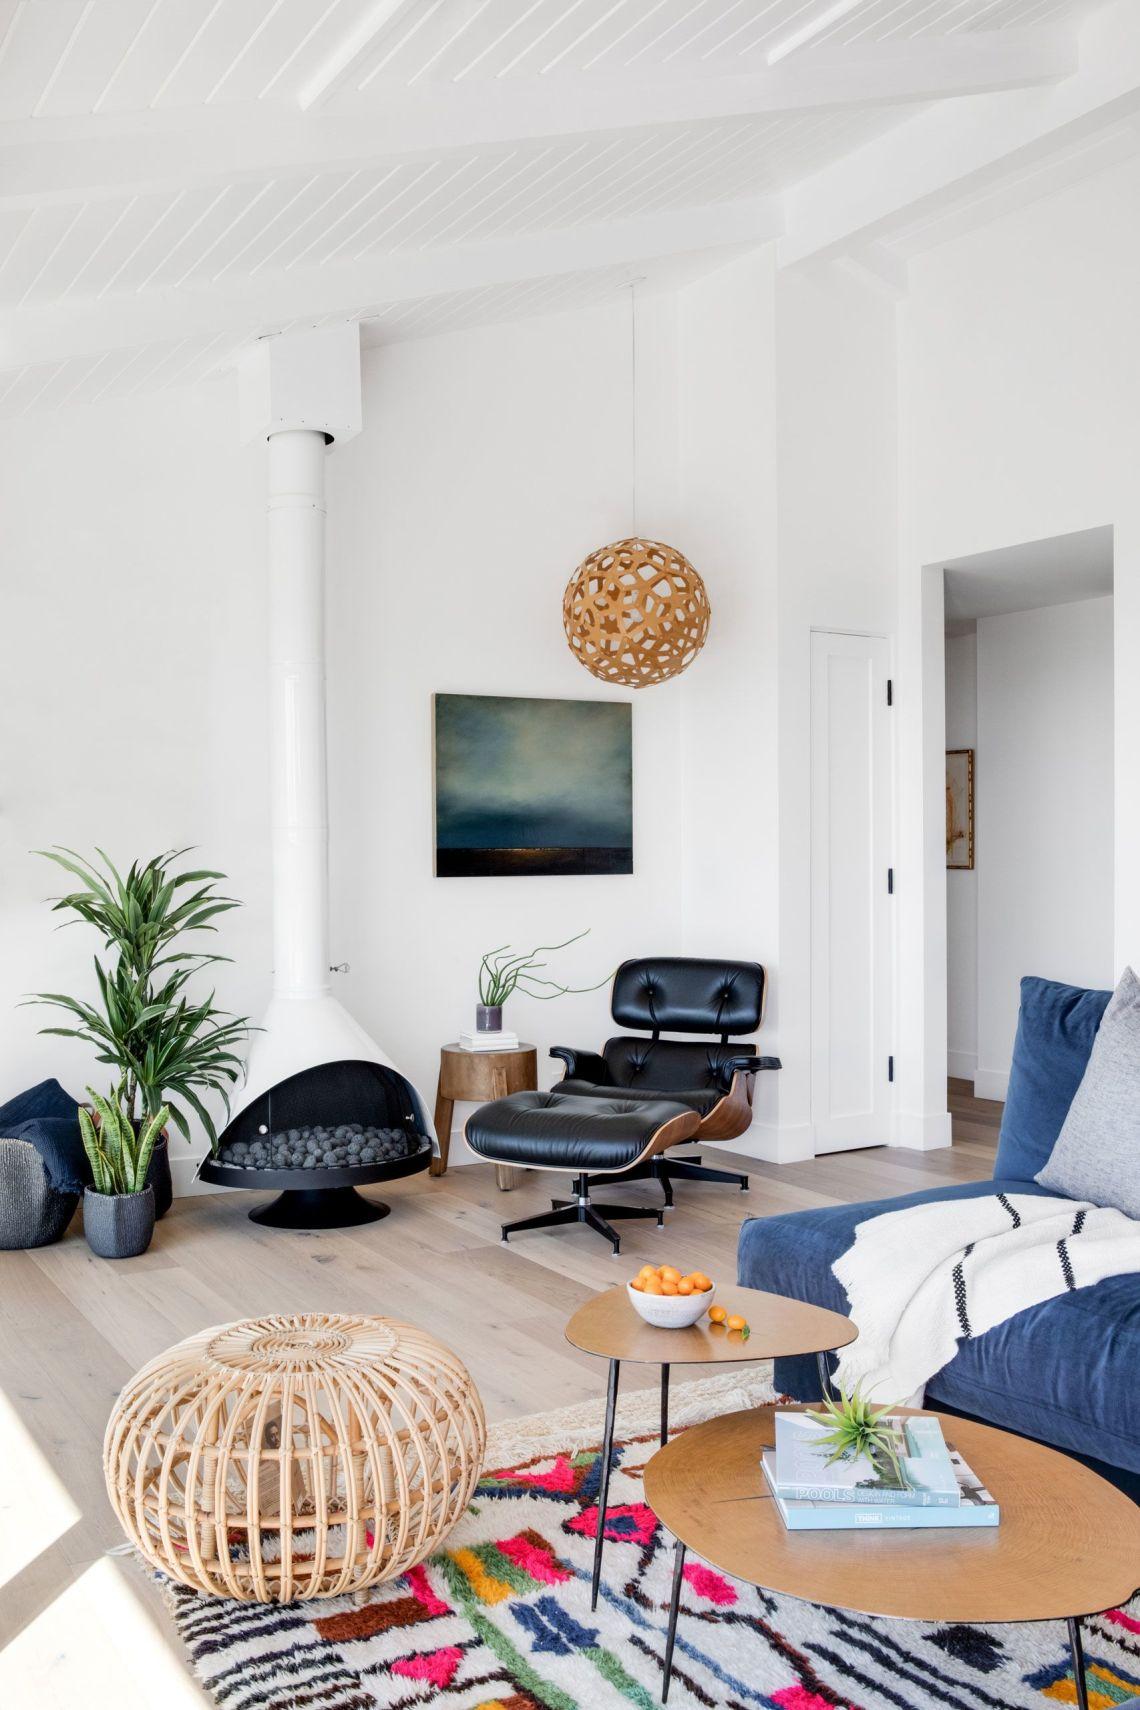 4 Top Interior Design Trends for 2020 - Mansion Global